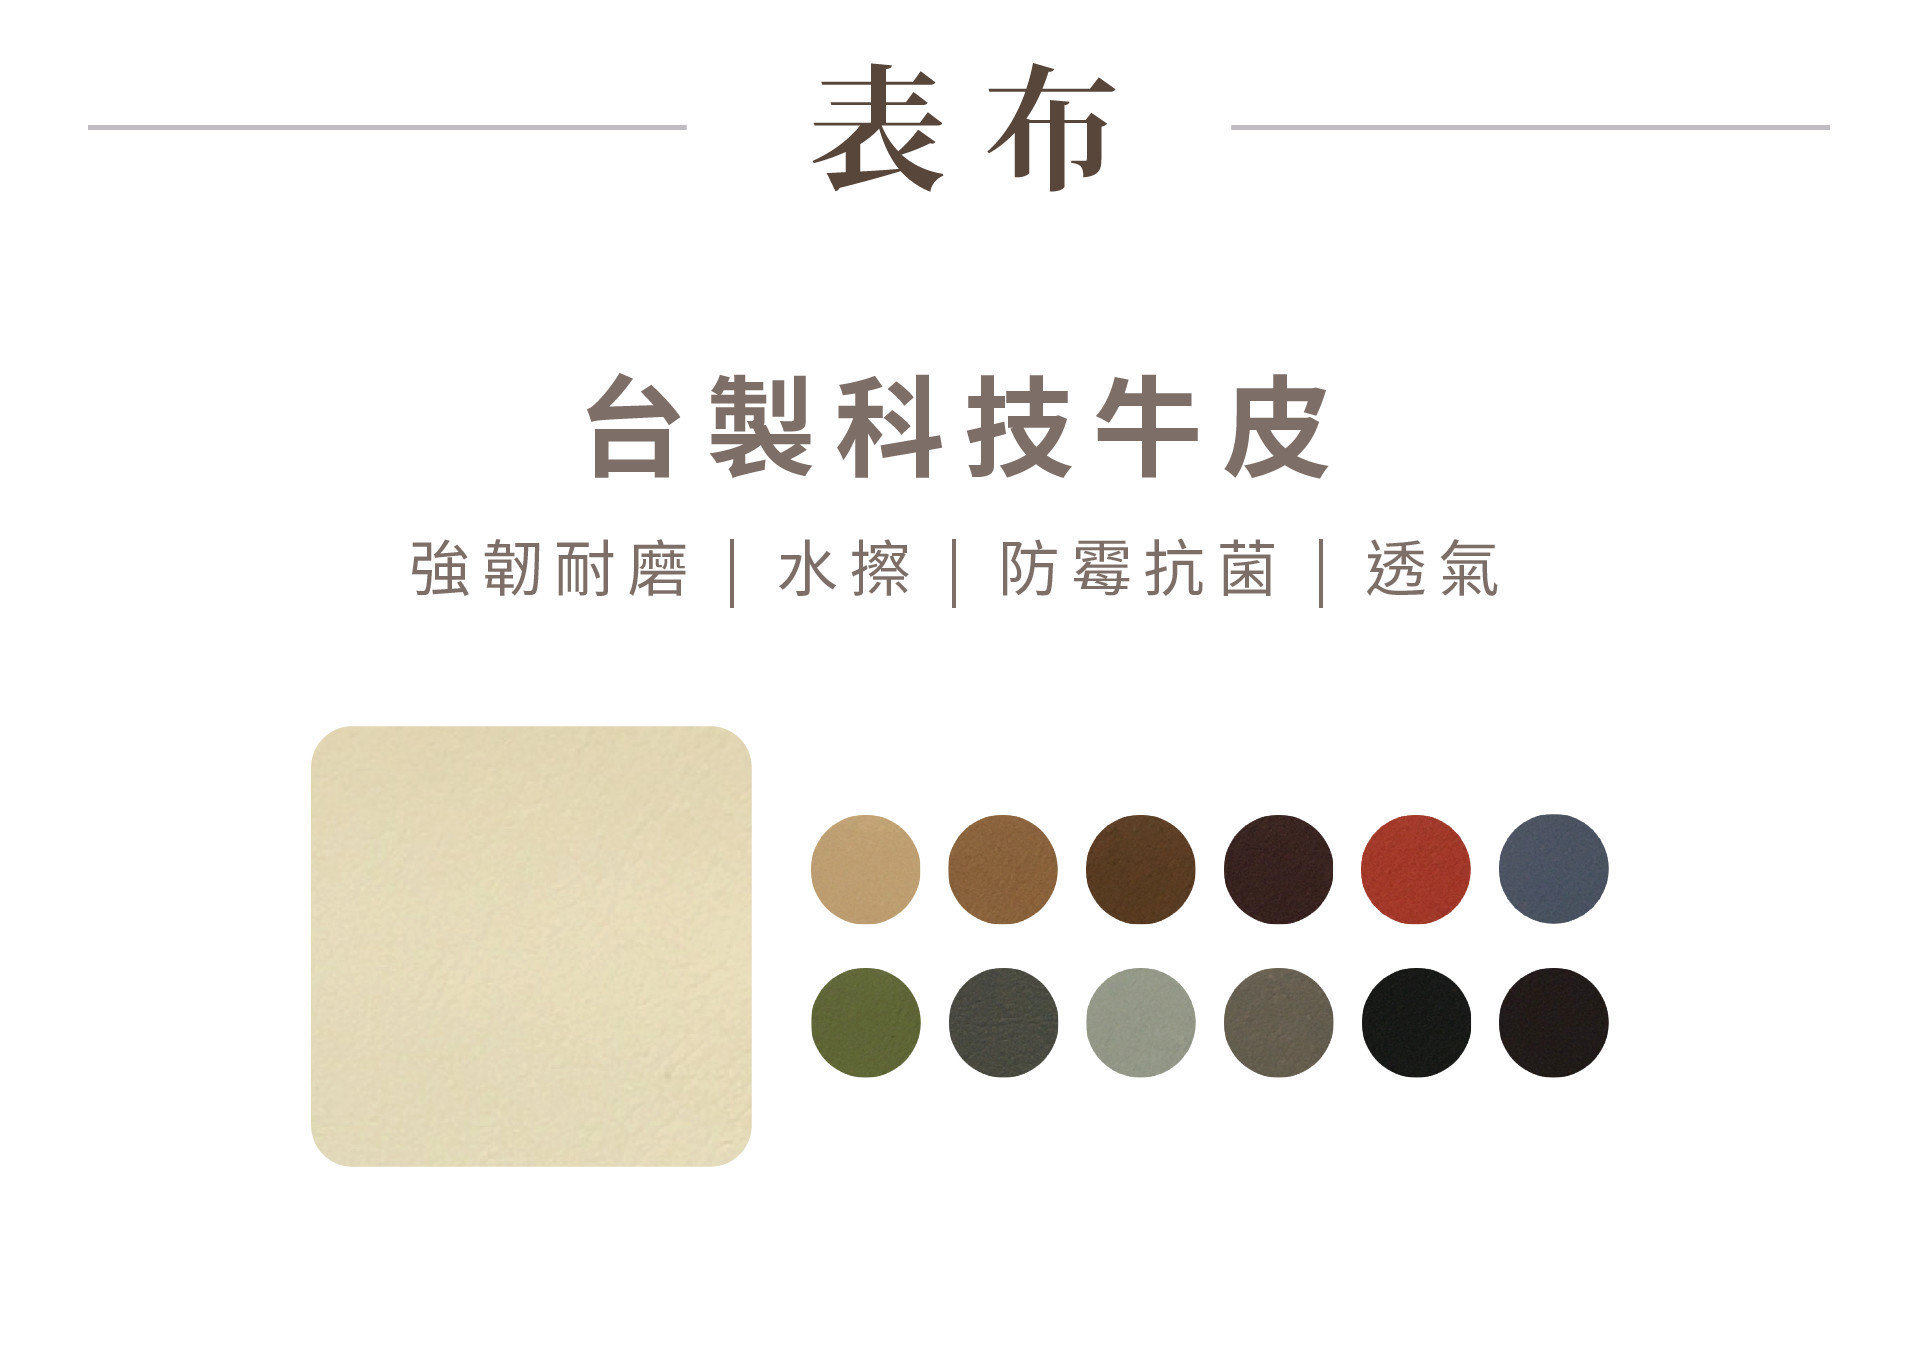 米樂沙發採台製科技牛皮,耐磨防刮,好透氣